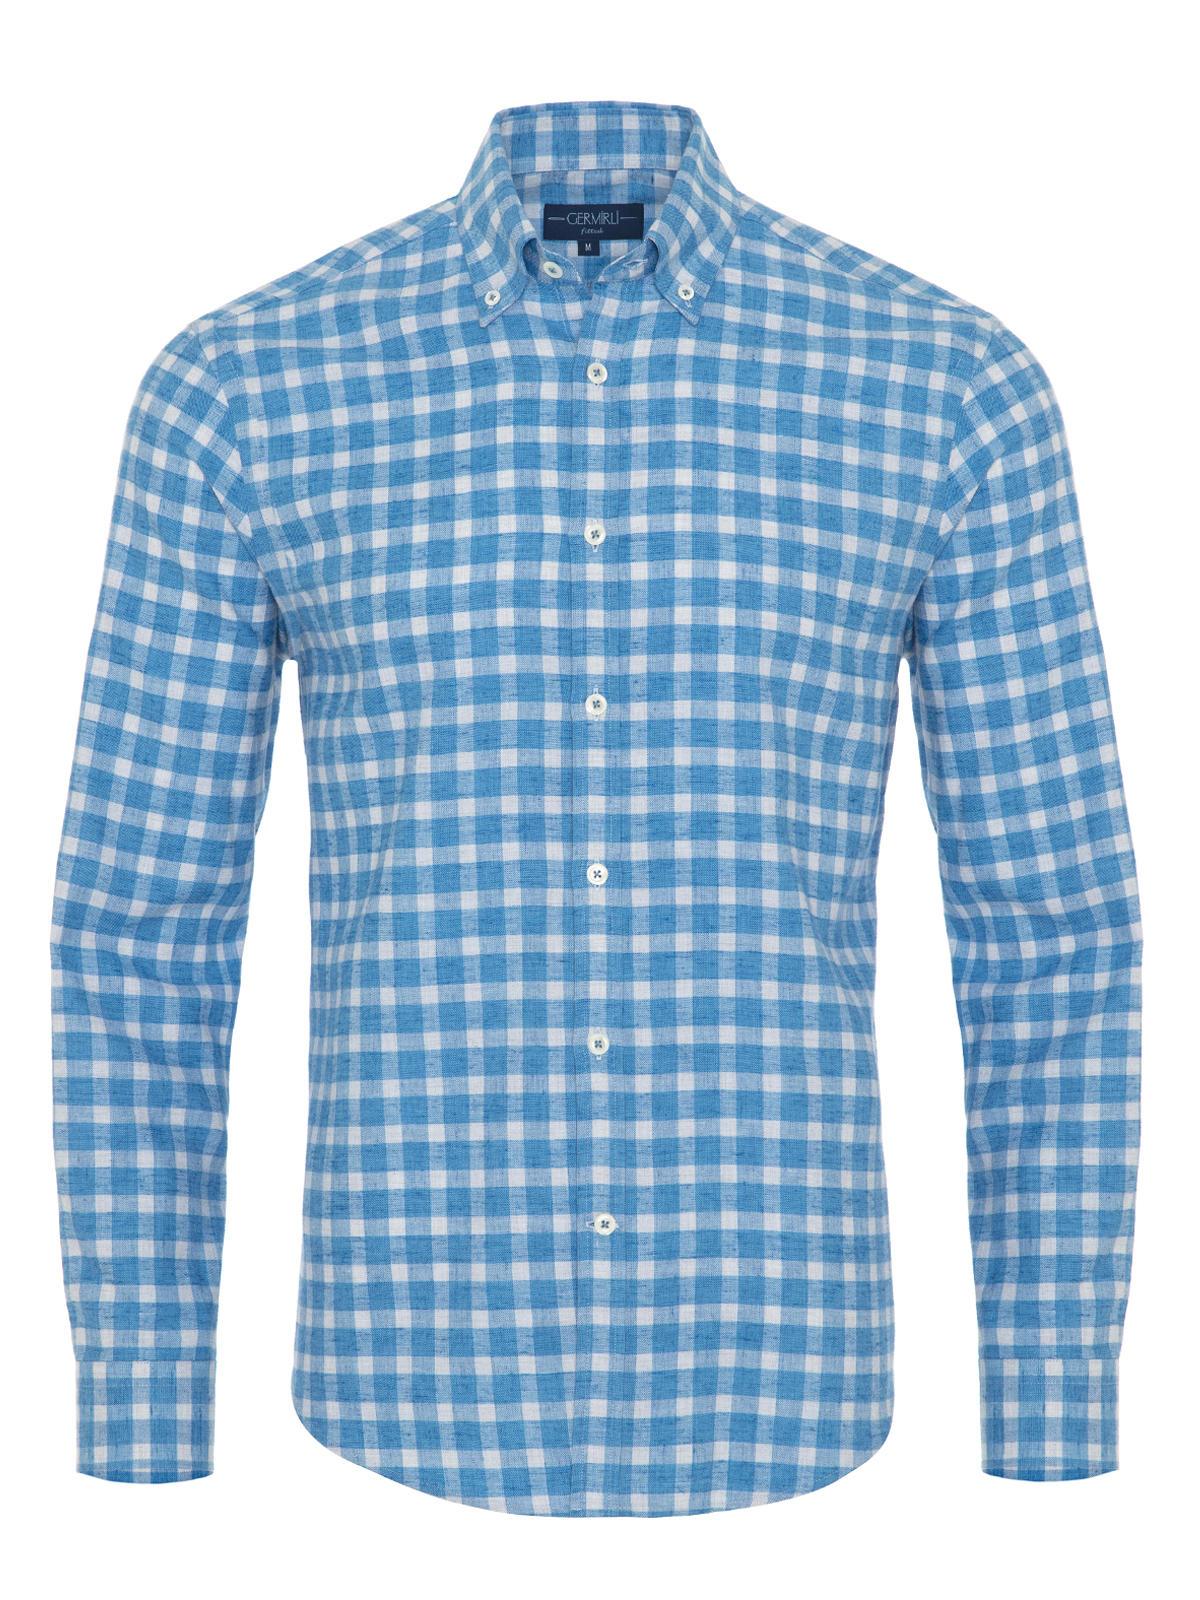 Germirli A.Mavi Kareli Düğmeli Yaka Flanel Tailor Fit Gömlek